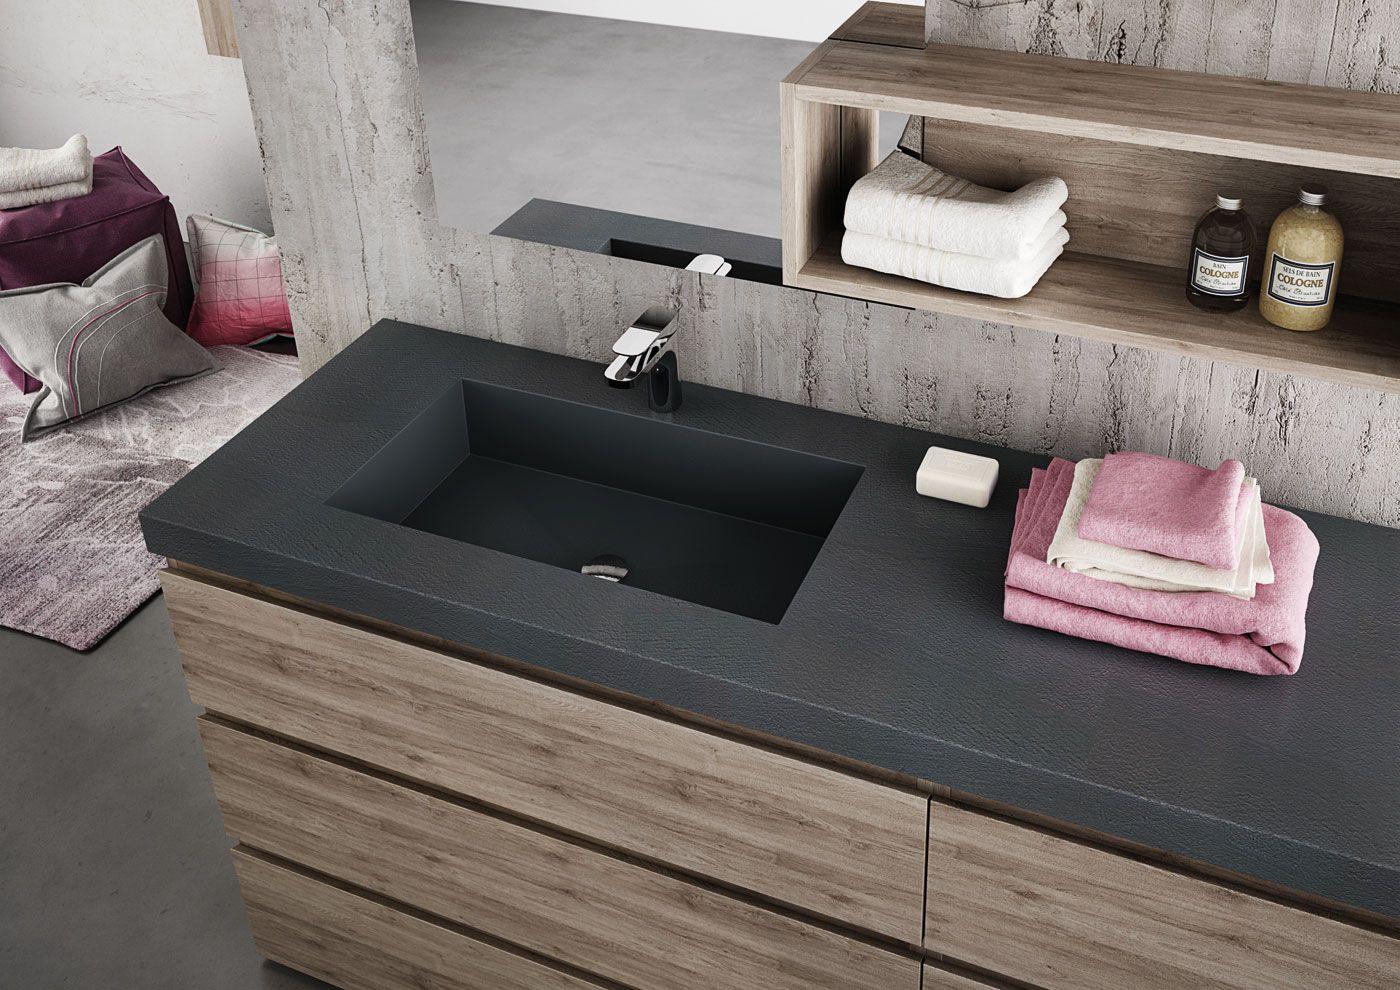 Mobile lavabo componibile singolo freedom 10 by legnobagno - Idee mobili bagno ...